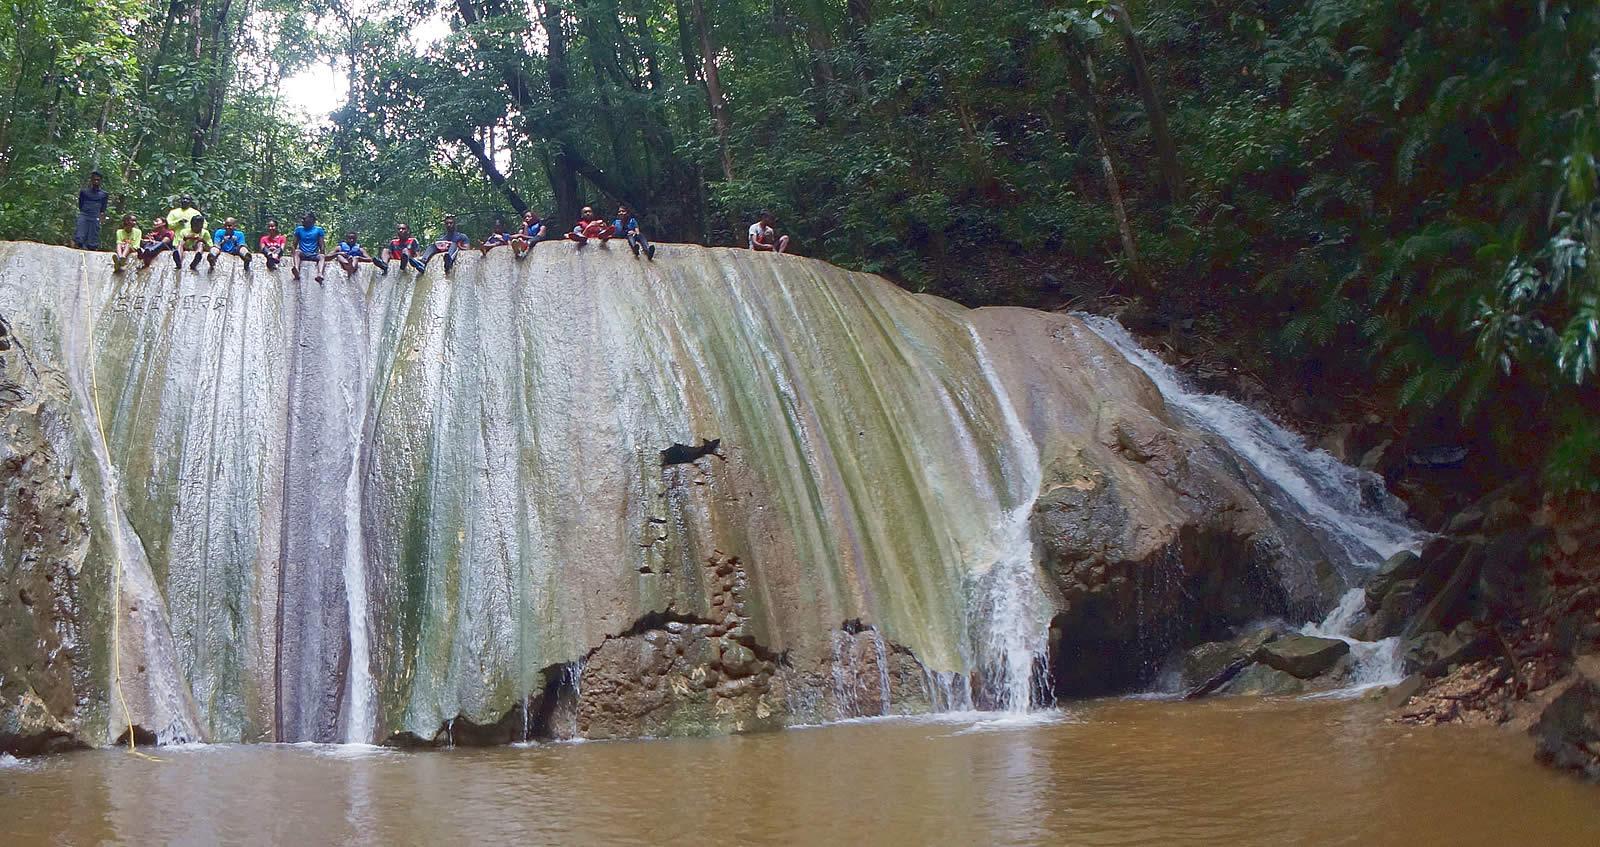 Turure Waterfalls Destination Trinidad And Tobago Tours